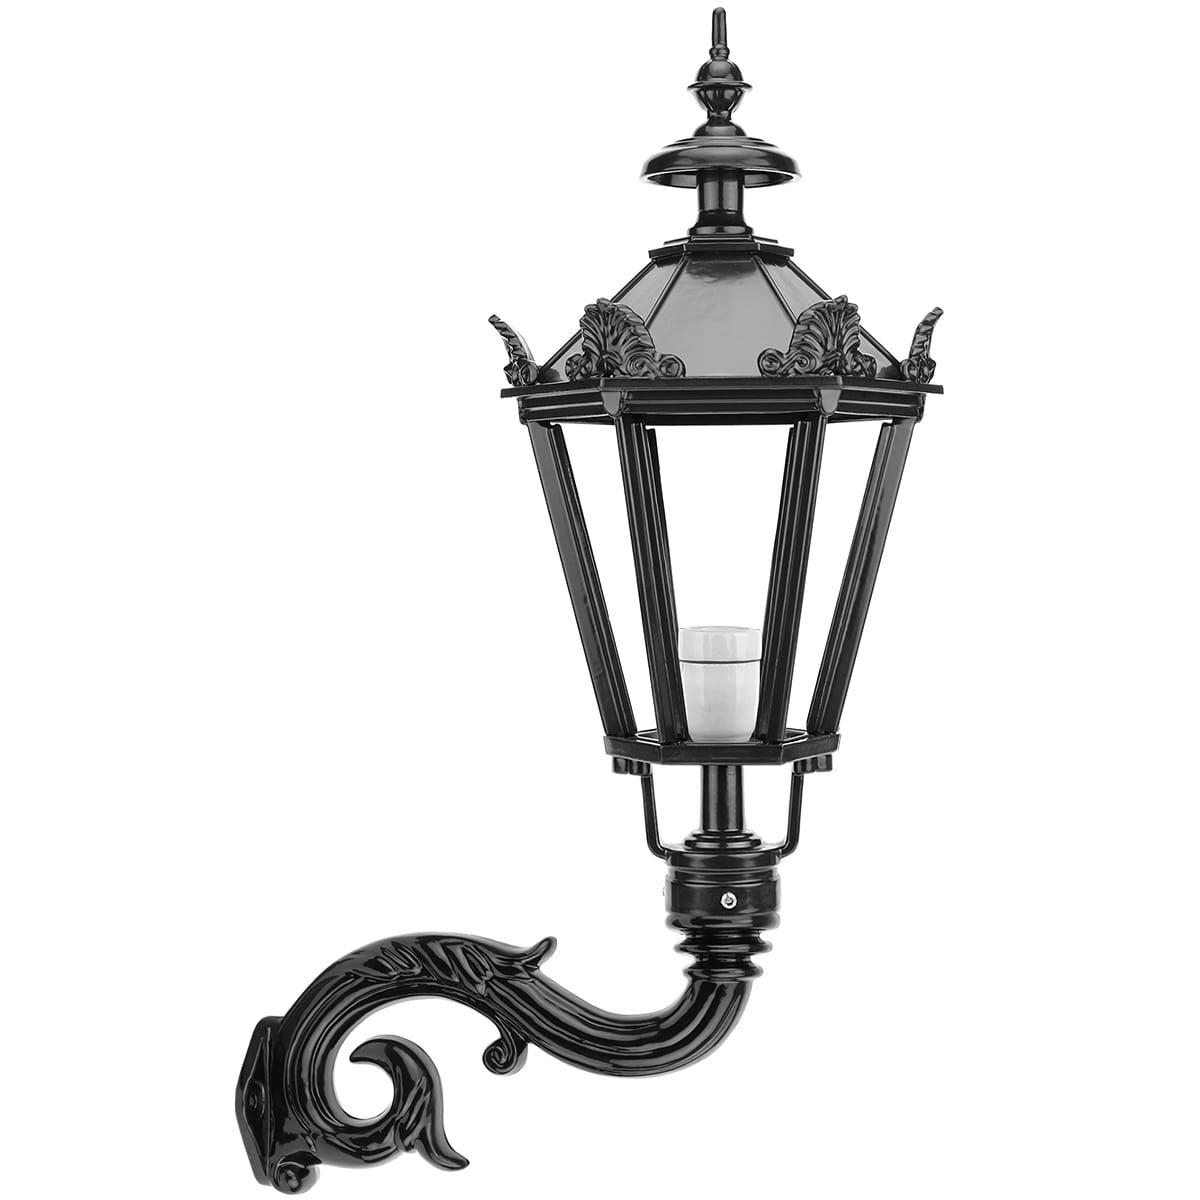 Buitenverlichting Klassiek Landelijk Gevellamp Helmond met kronen - 80 cm